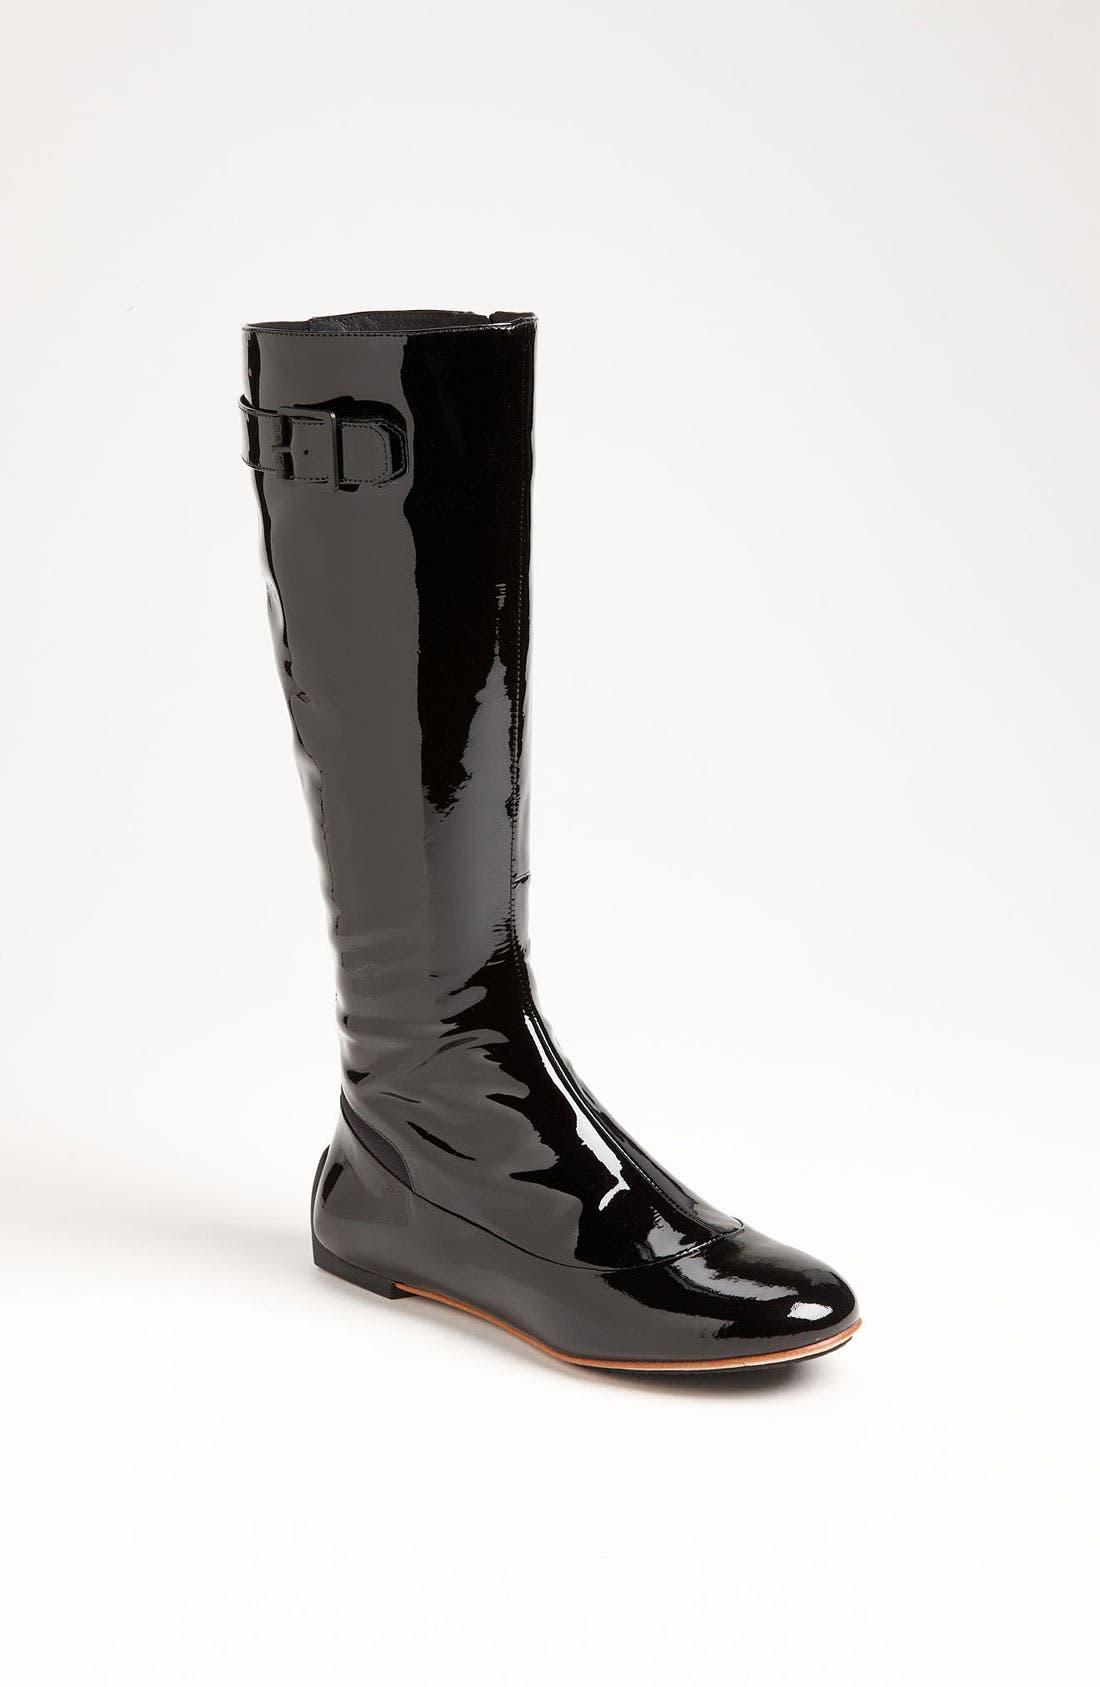 Alternate Image 1 Selected - Tsubo 'Meroe' Boot